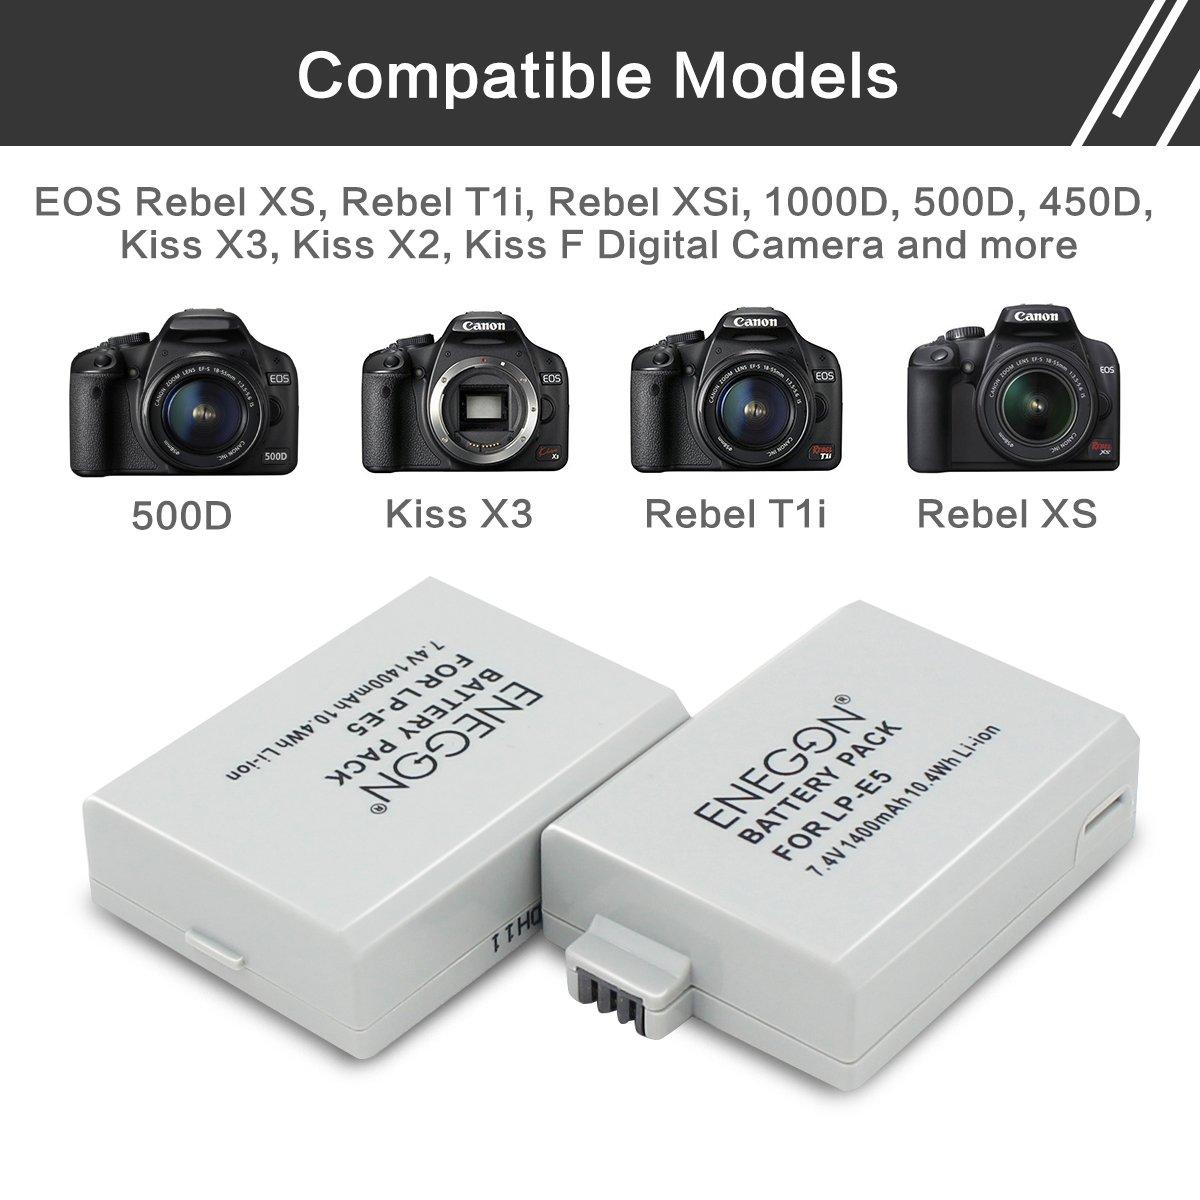 ENEGON Batería de Repuesto (Paquete de 2) y Cargador rápido rápido para Canon LP-E5 y Canon EOS Rebel XS, Rebel T1i, Rebel XSi, 1000D, 500D, 450D, ...